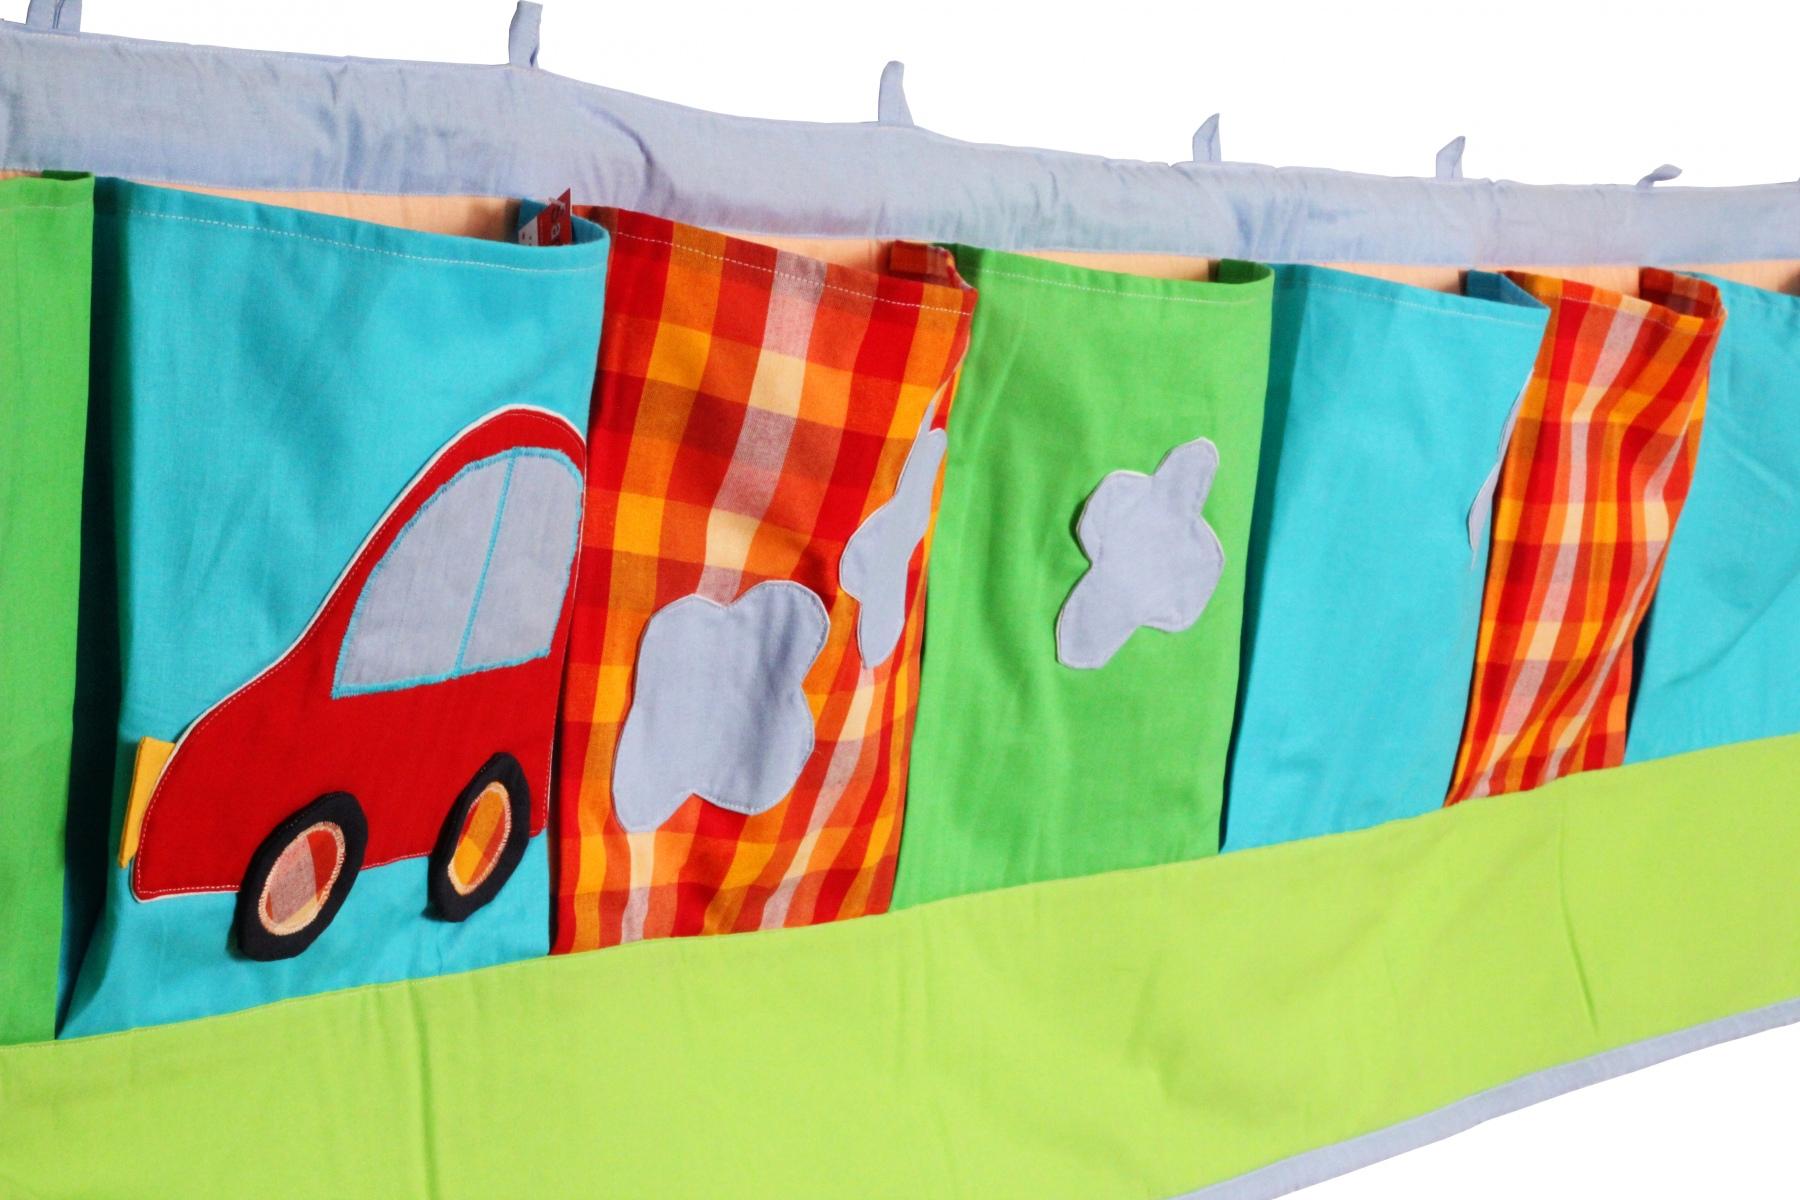 Rangement mural poches en coton voiture - Poche de rangement mural ...